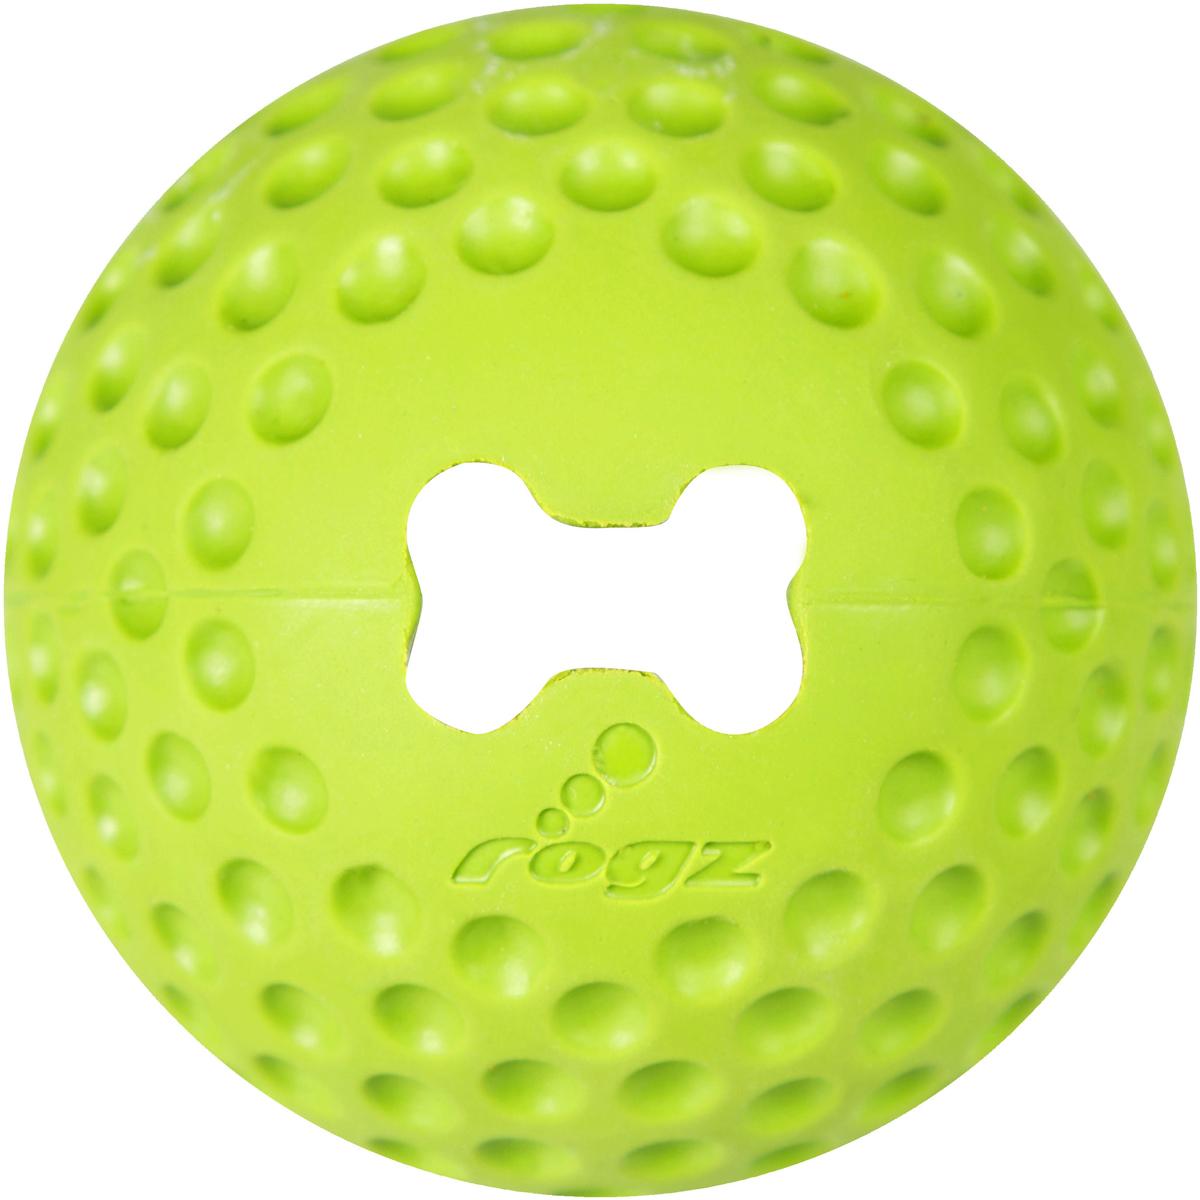 Игрушка для собак Rogz Gumz, с отверстием для лакомства, цвет: лайм, диаметр 4,9 смGU01LИгрушка для собак Rogz Gumz тренирует жевательные мышцы и массирует десны собаке. Отлично подходит для дрессировки, так как есть отверстие для лакомства.Отлично подпрыгивает при играх.Занимательная игрушка выдерживает долгое жевание и разгрызание. Материал изделия: 85 % натуральной резины, 15 % синтетической резины. Не токсичен.